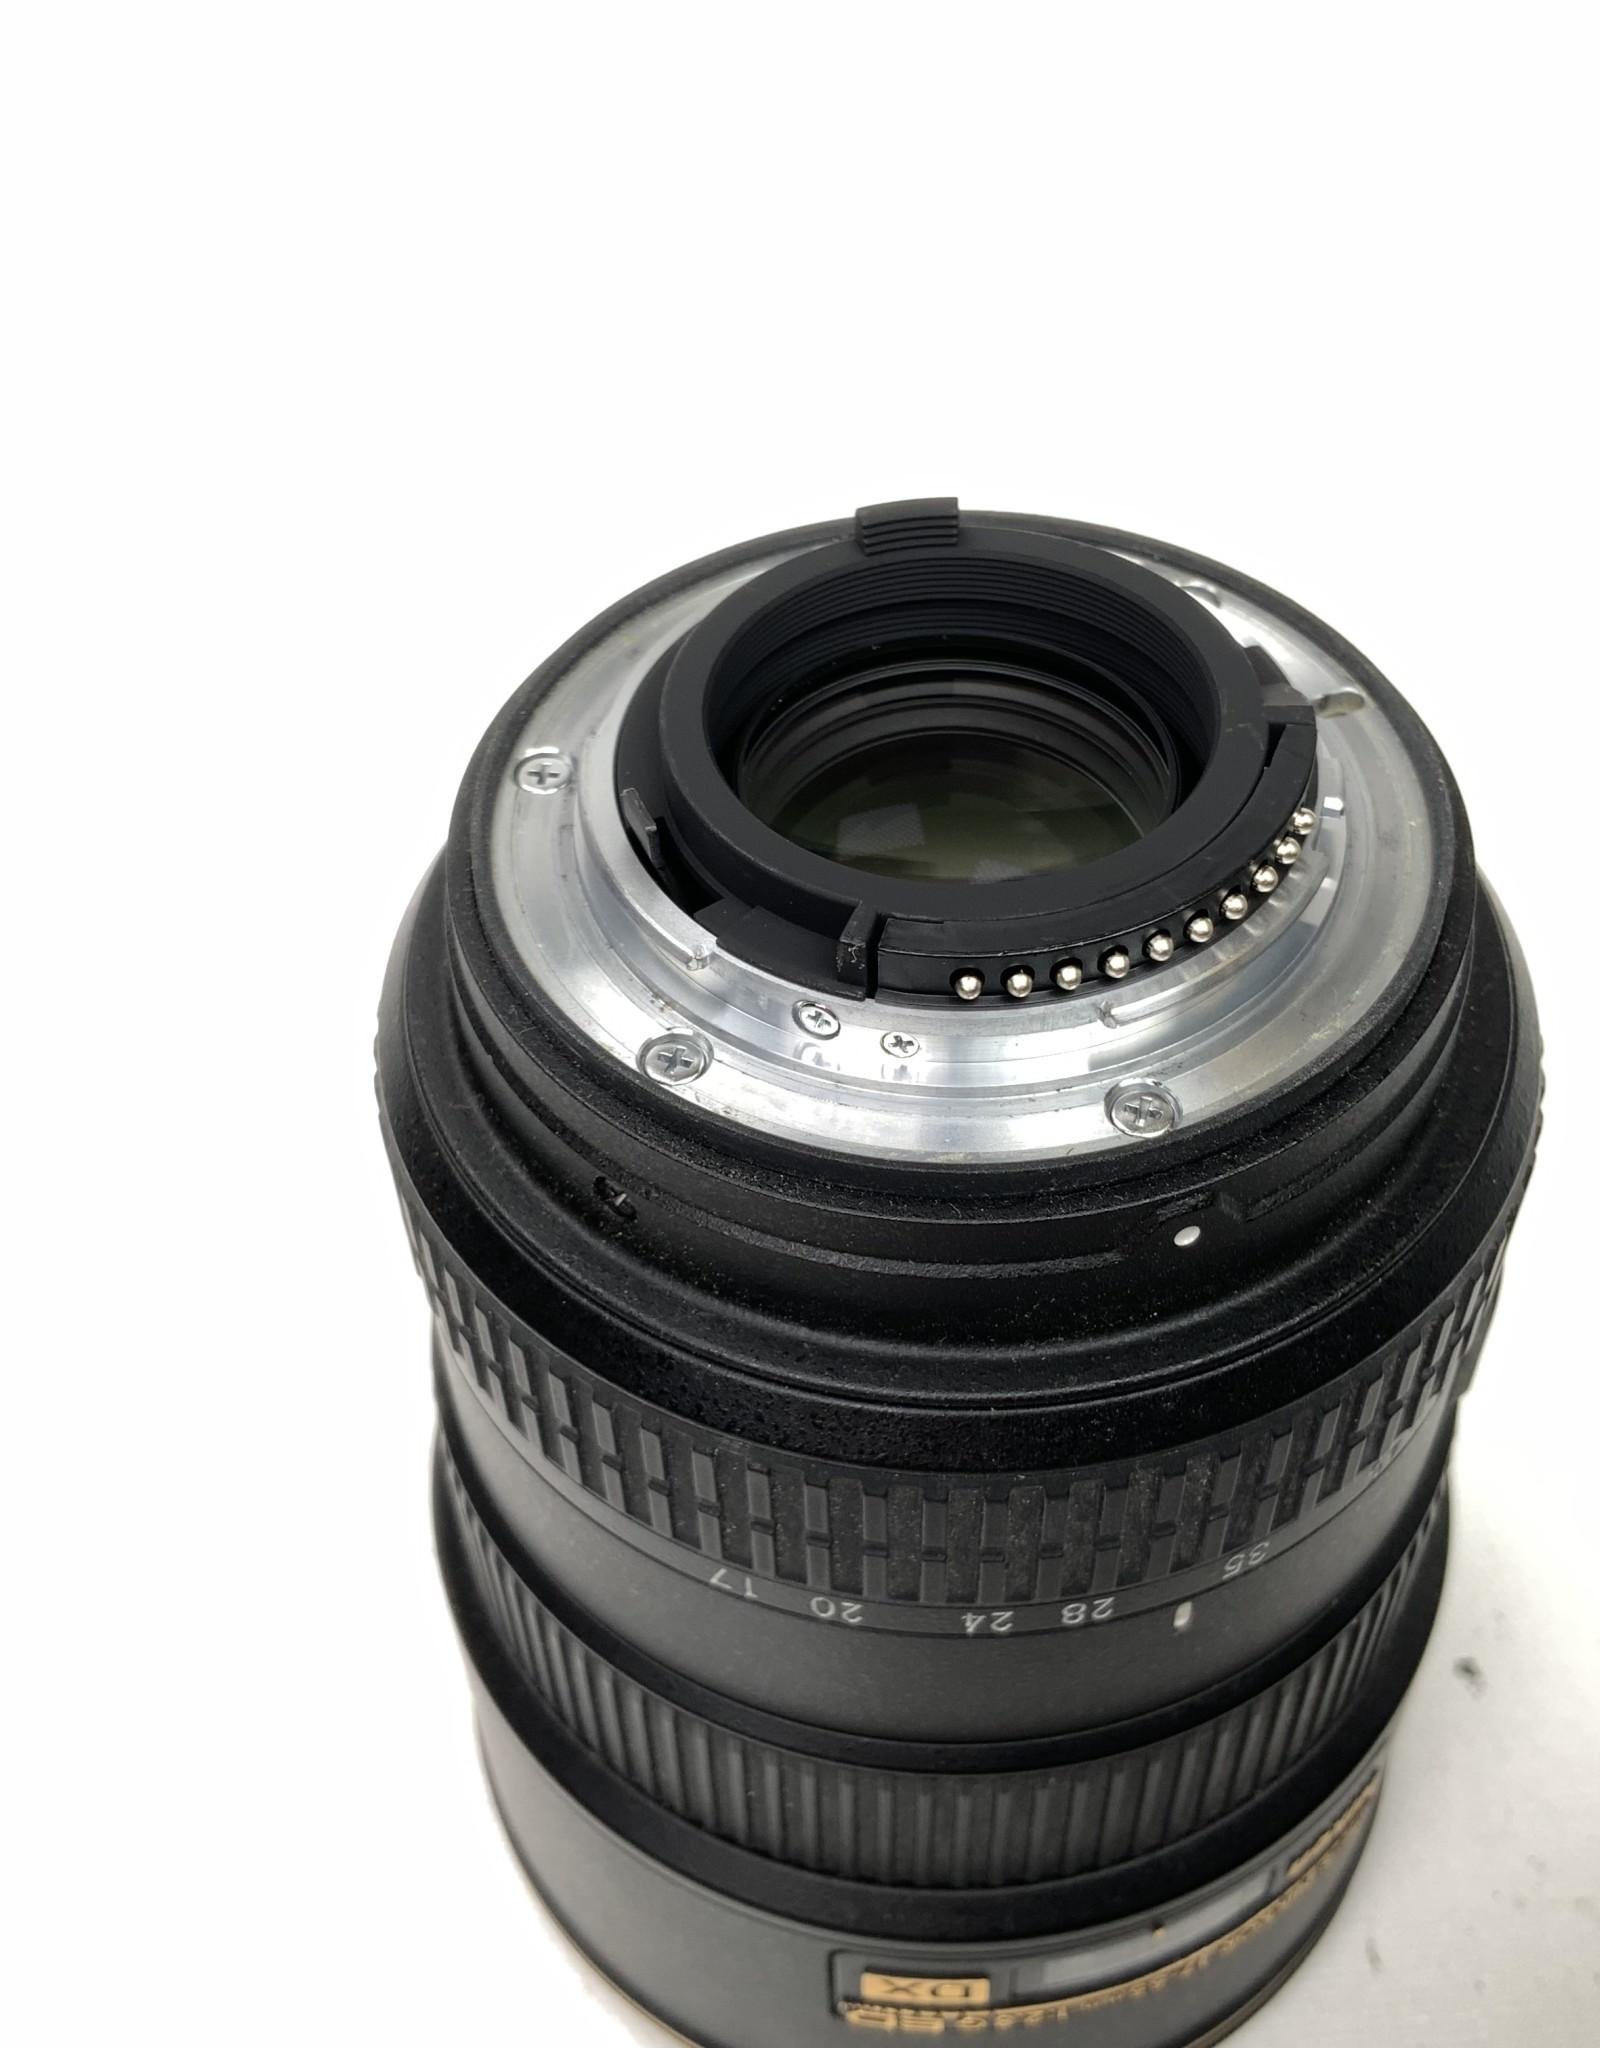 NIKON Nikon DX AF-S Nikkor 17-55mm f2.8 G Lens Used Good